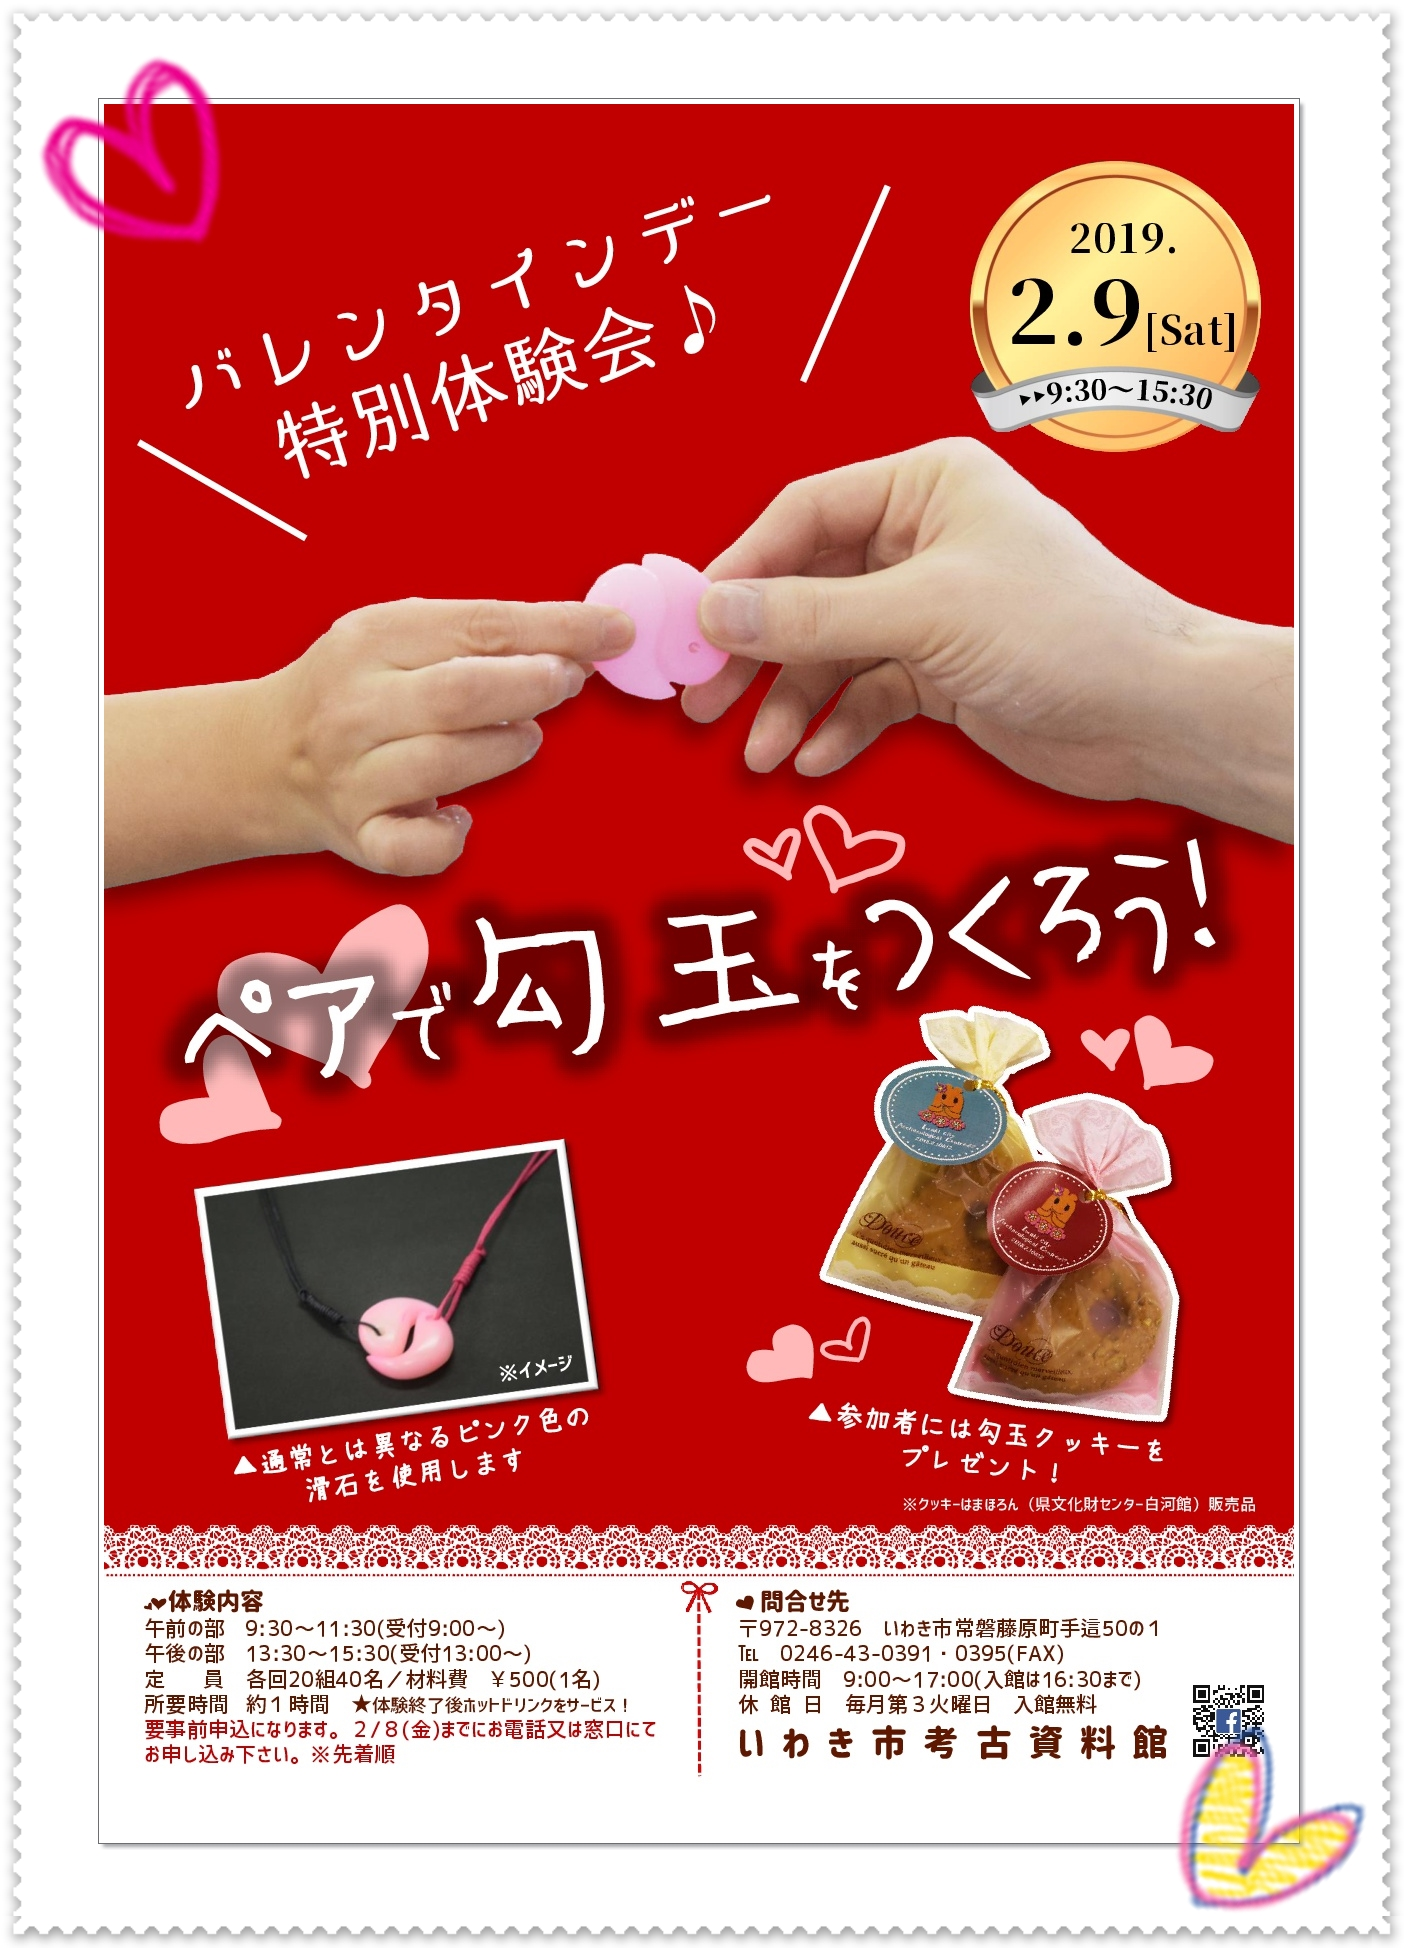 ピンク色が可愛い「勾玉」をペアで作りませんか!?考古資料館にて「バレンタインデー特別体験会」開催 [平成31年1月28日(月)更新]1